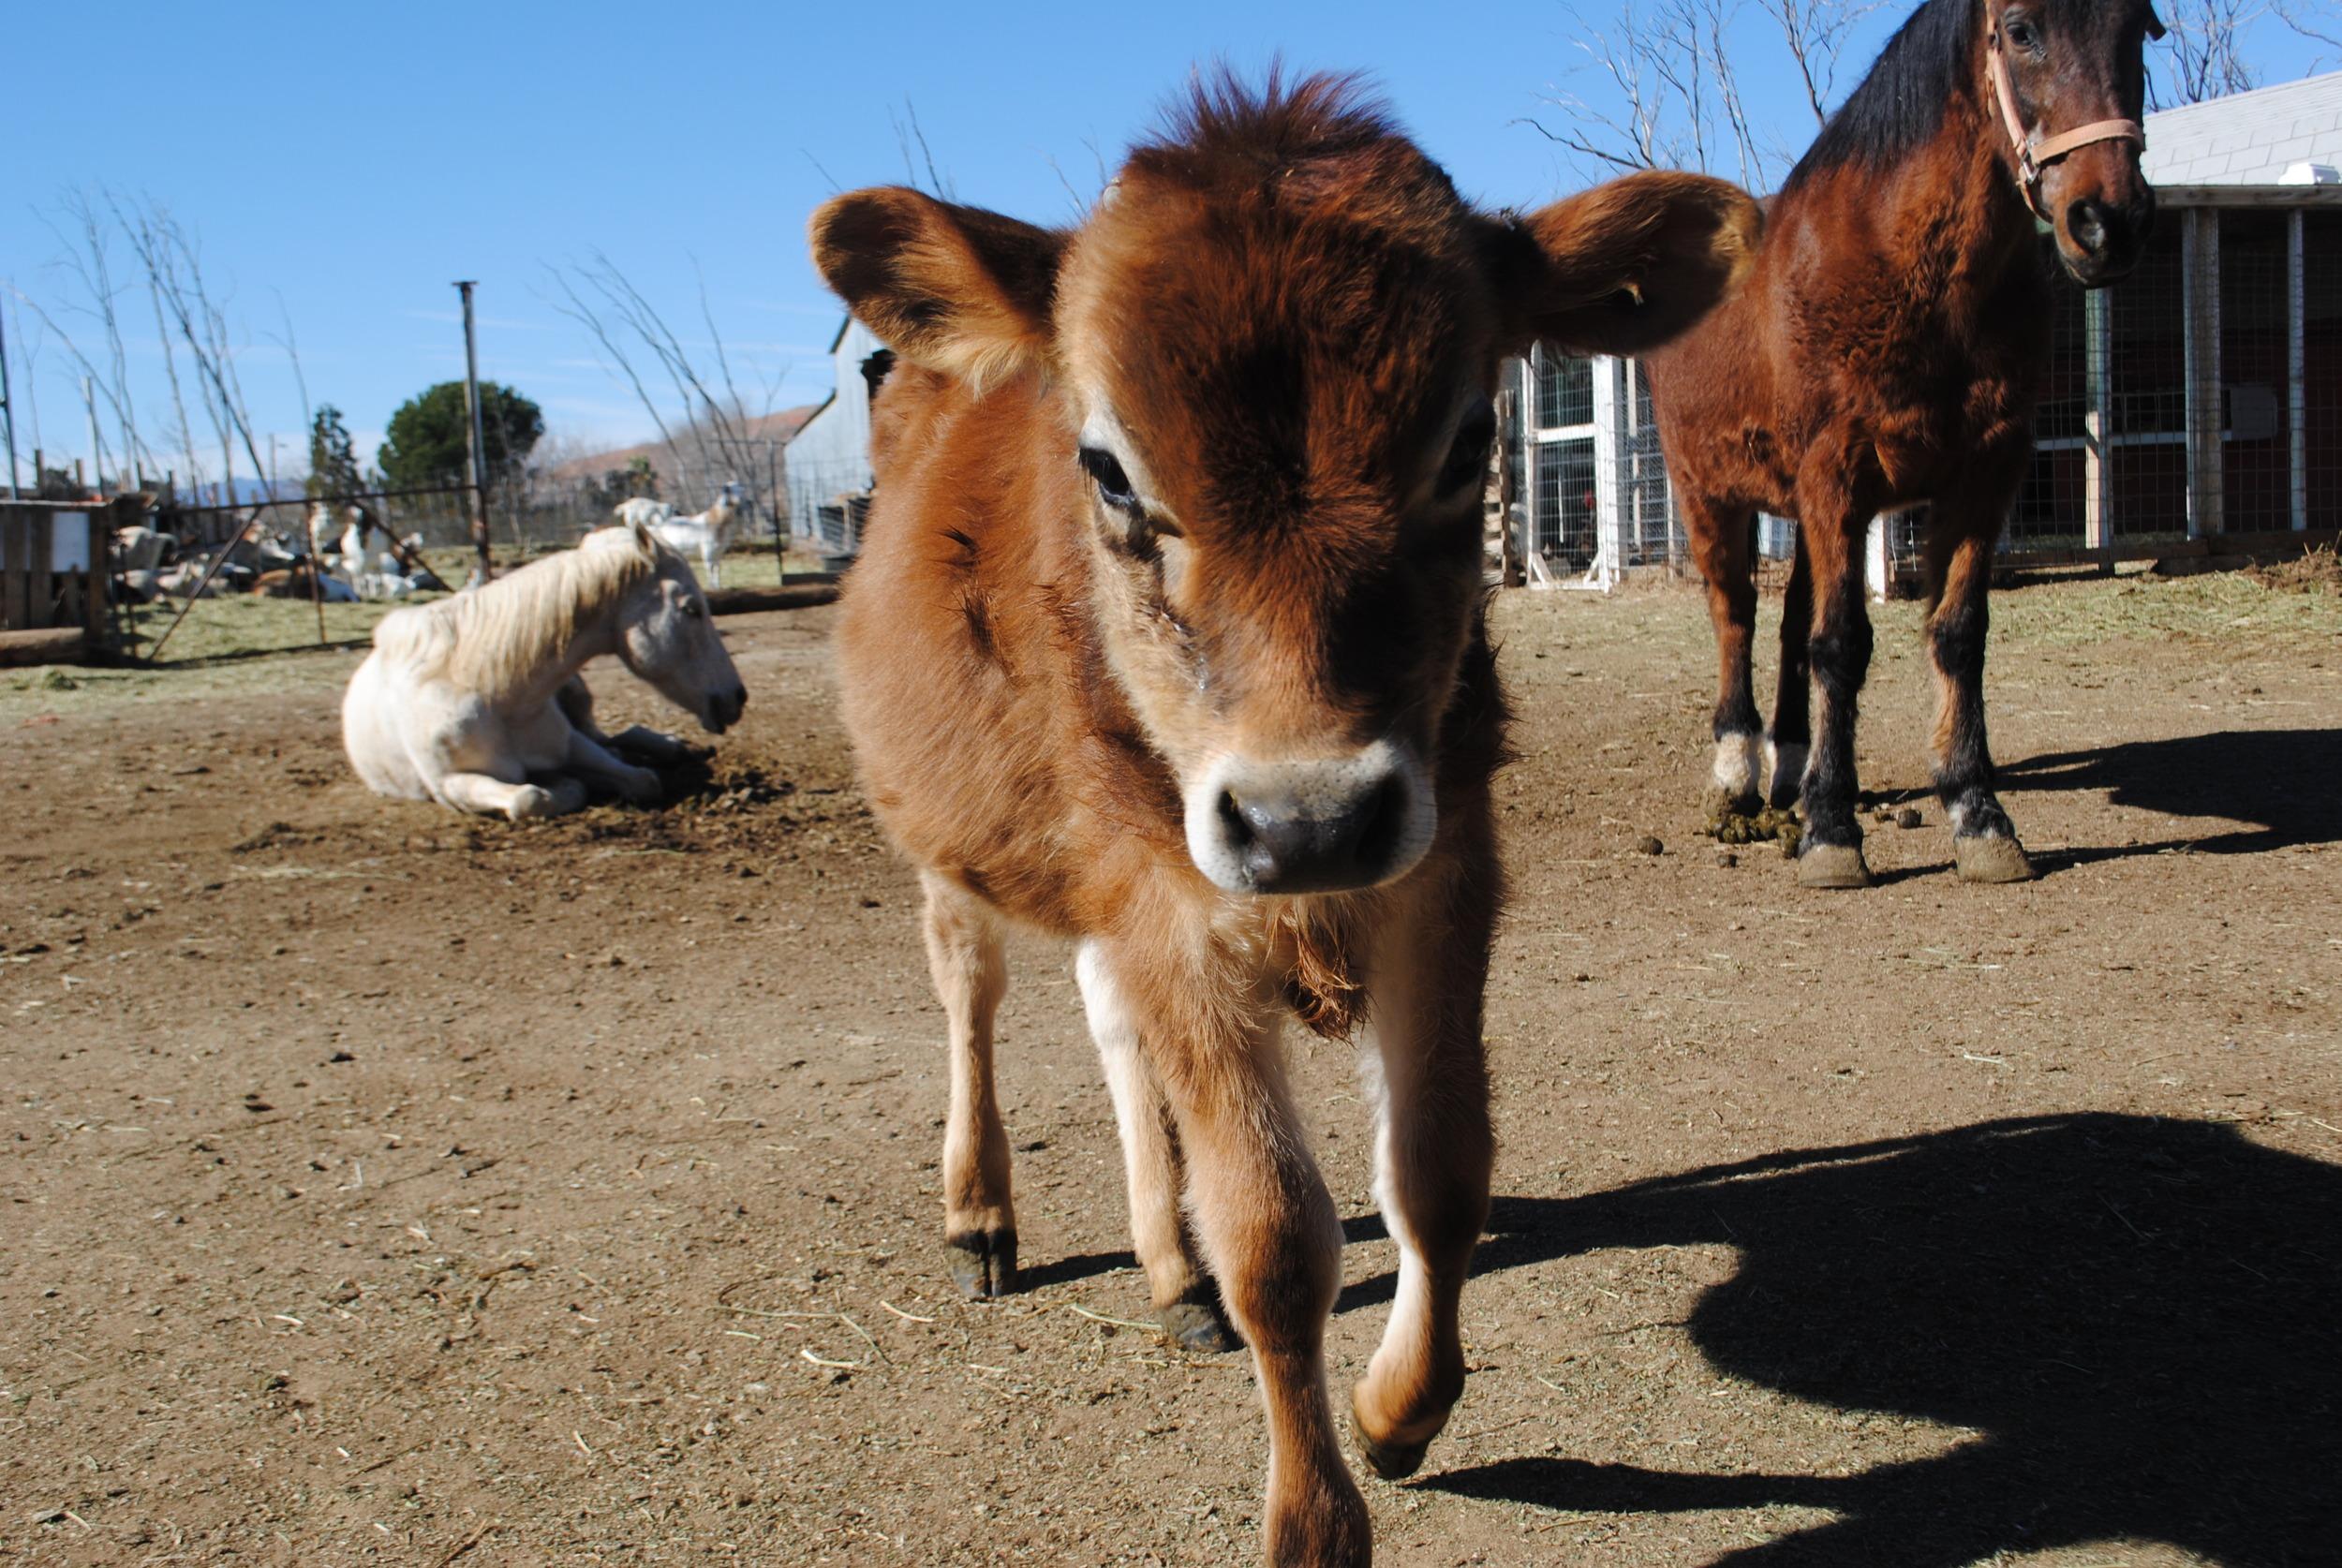 Don, the calf